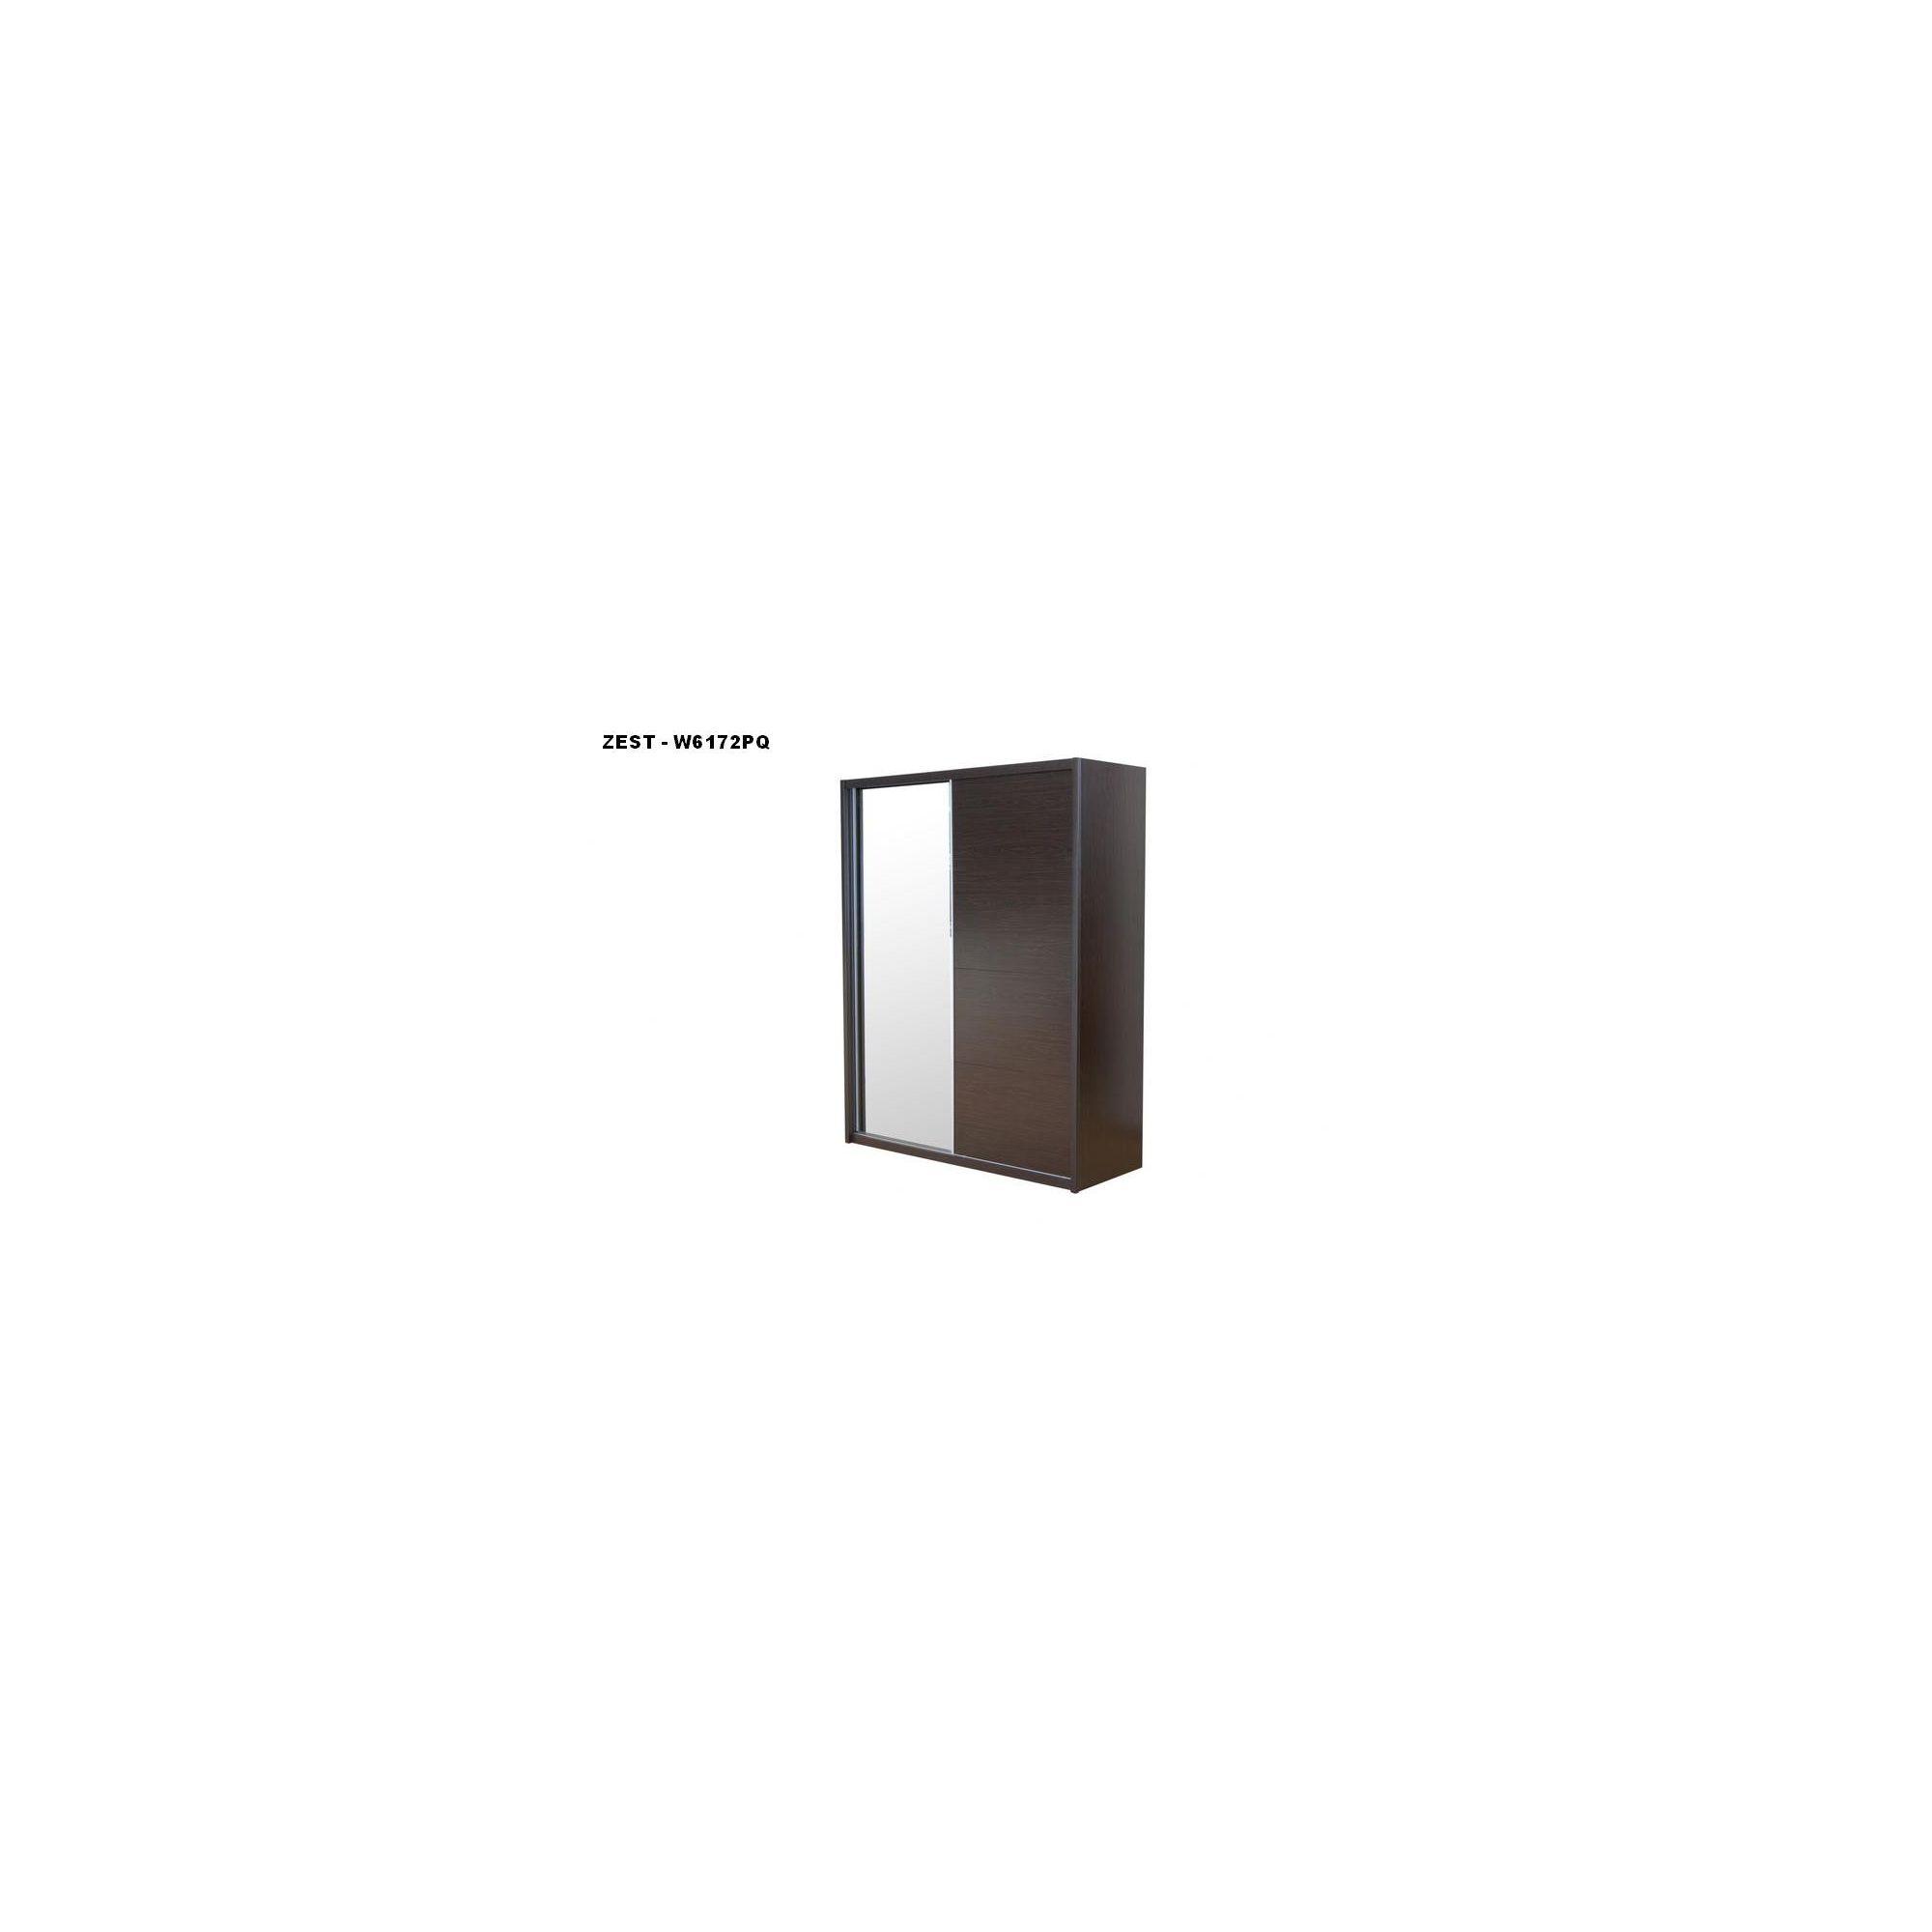 Central Furniture Distribution Zest Two Door Slider Wardrobe at Tesco Direct